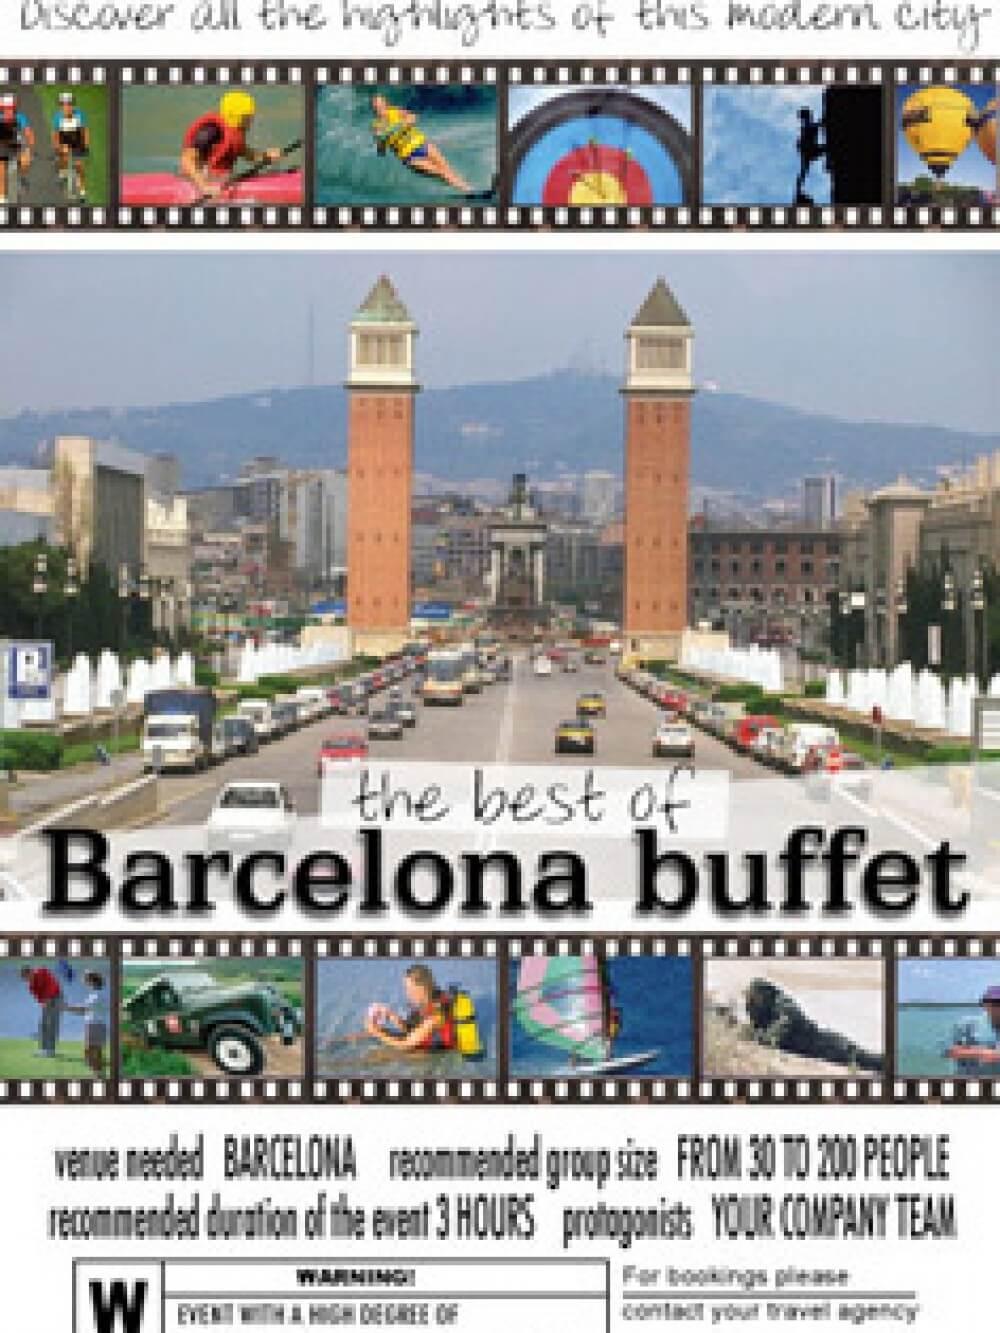 the_best_of_barcelona_buffet_vertical_web